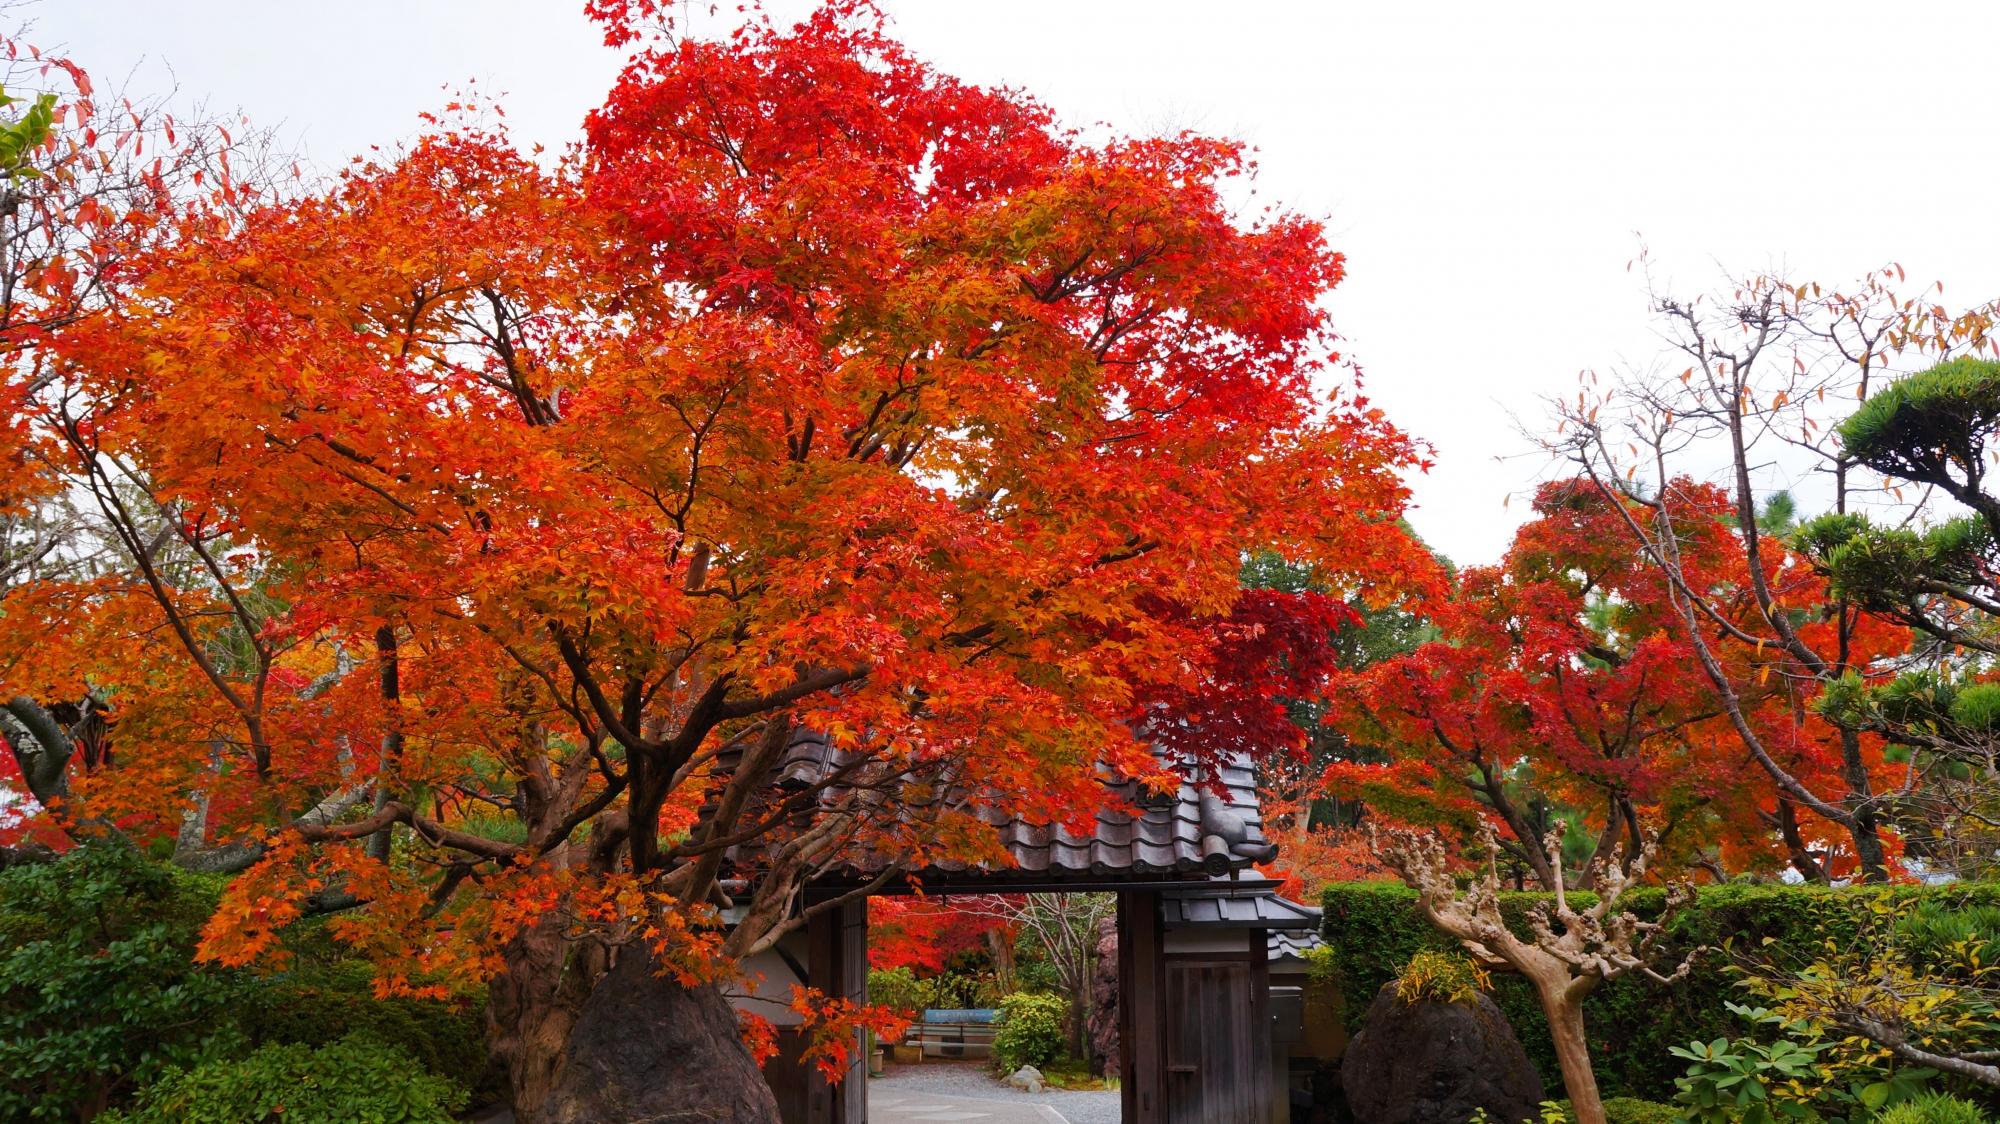 内側から眺めた山門と圧巻の紅葉